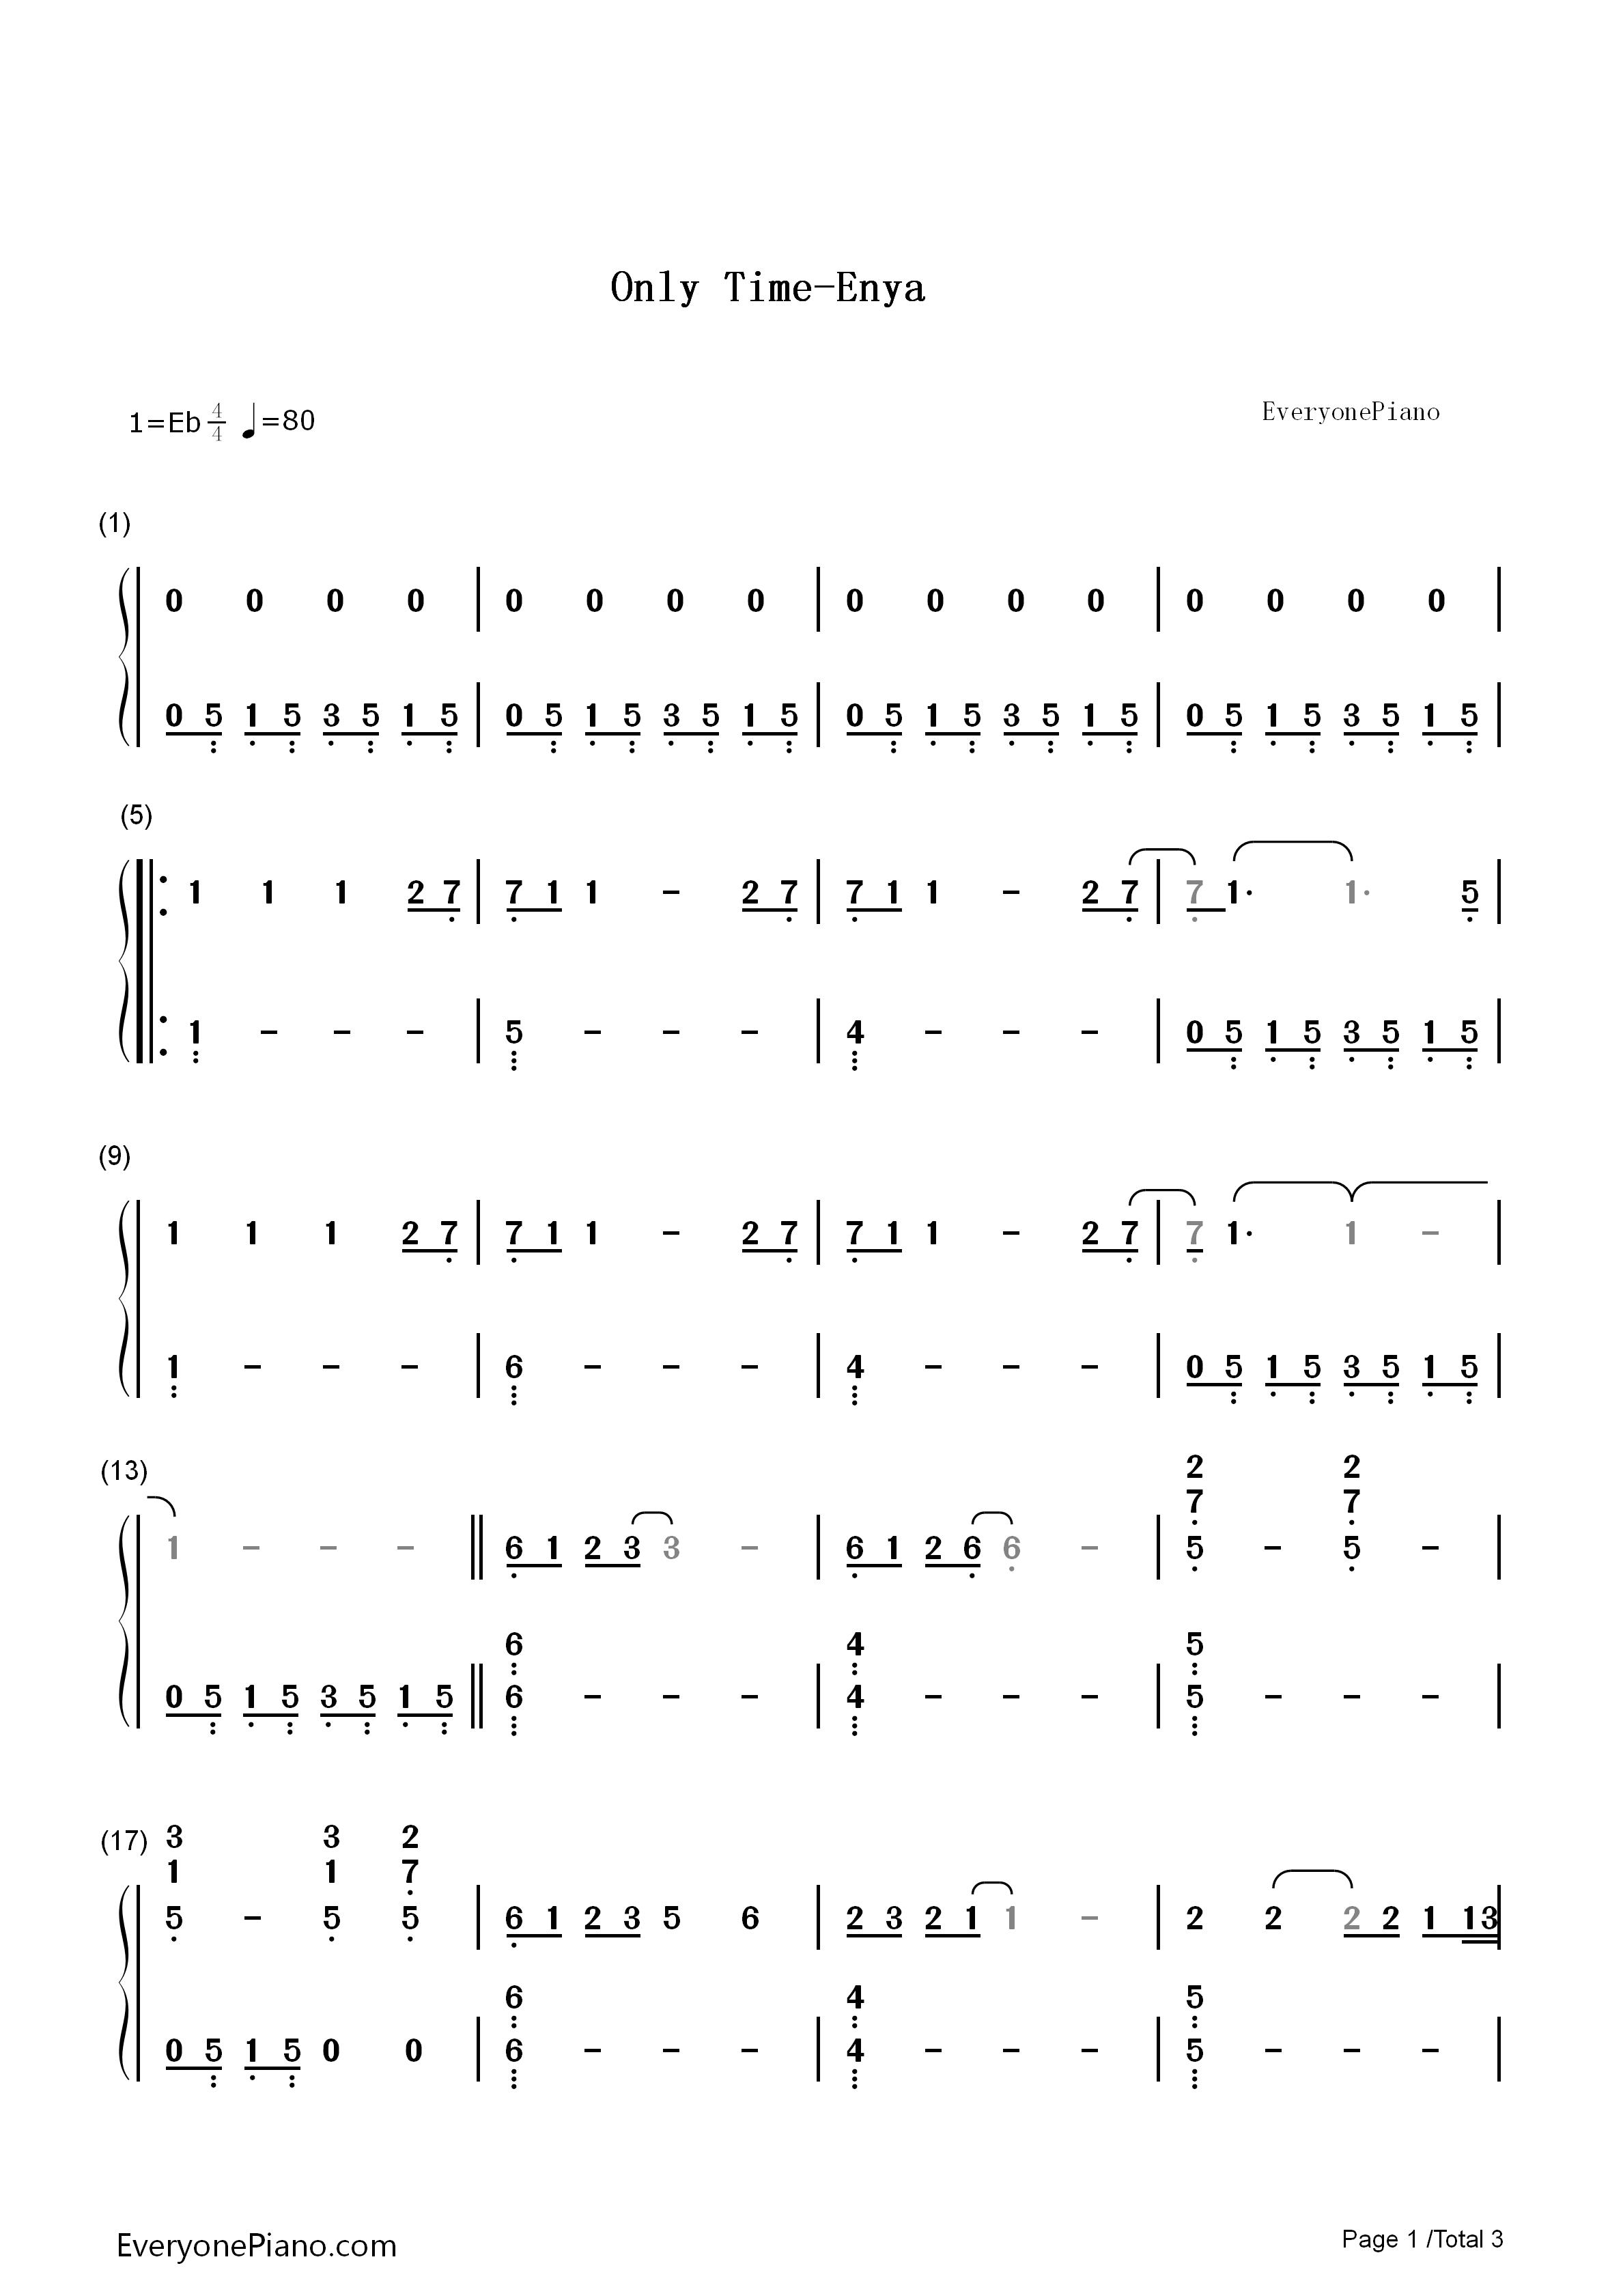 钢琴曲谱 流行 only time-enya